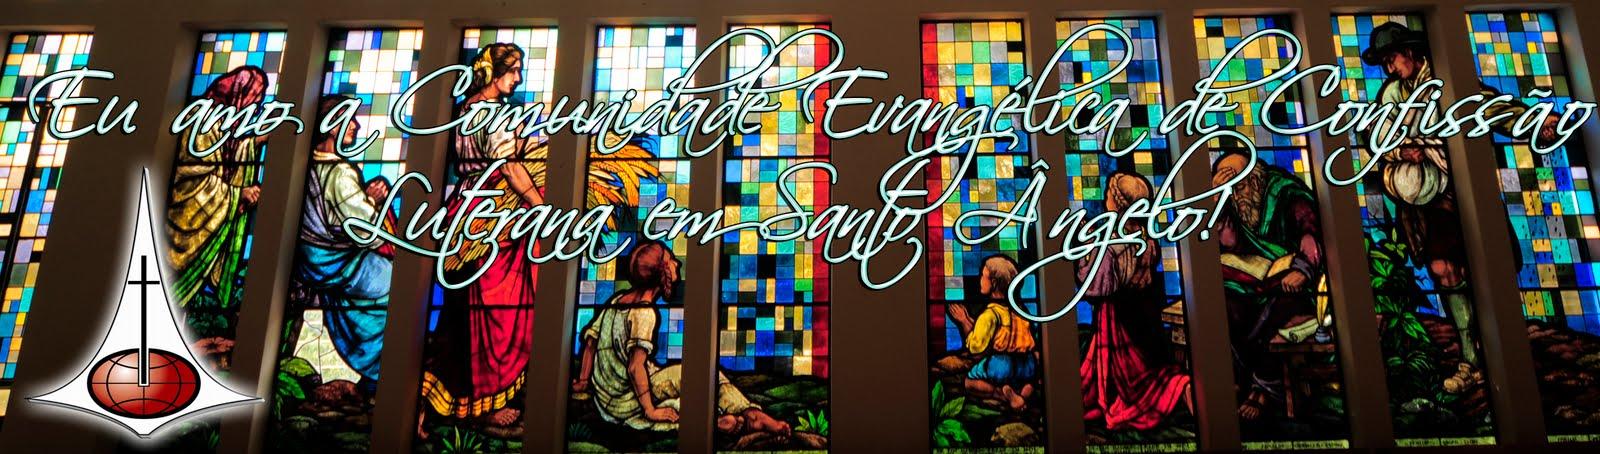 Eu amo a Comunidade Evangélica de Confissão Luterana em Santo Ângelo!